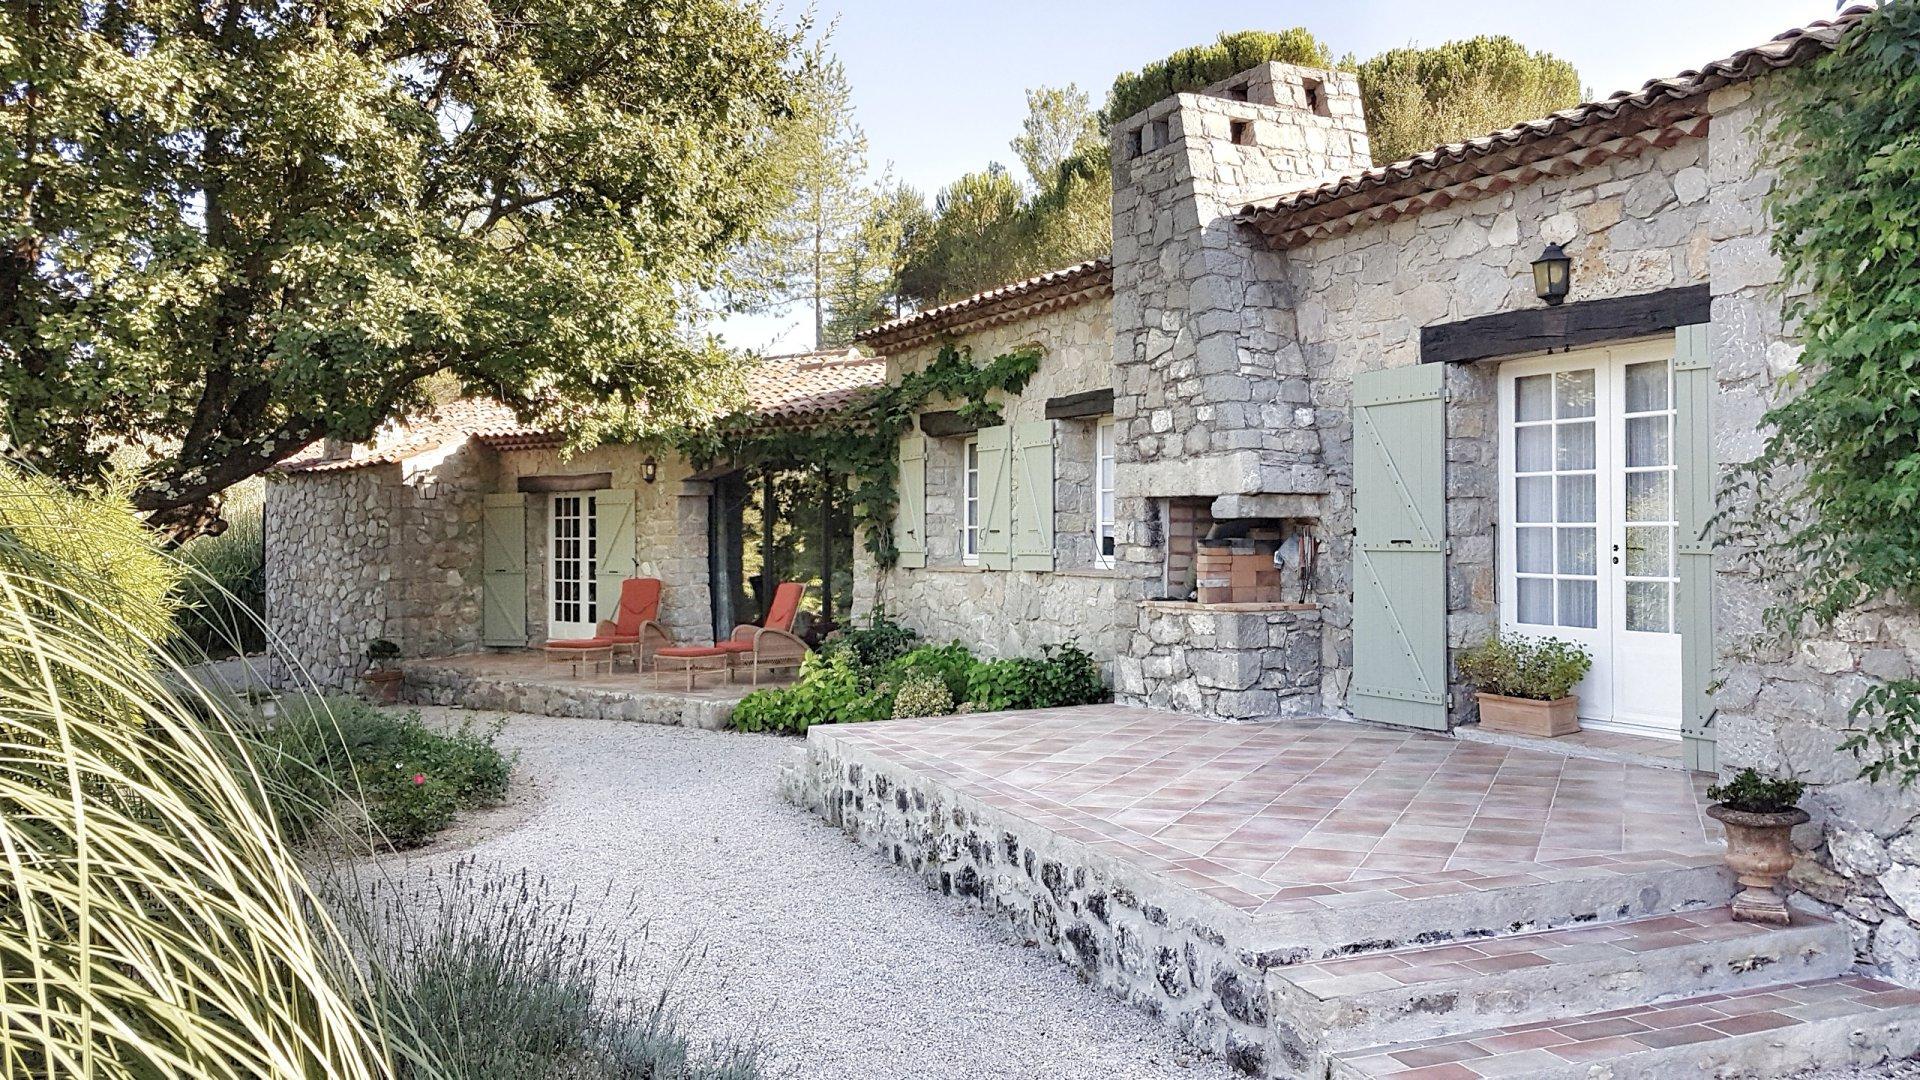 Verkoop Villa - Callian